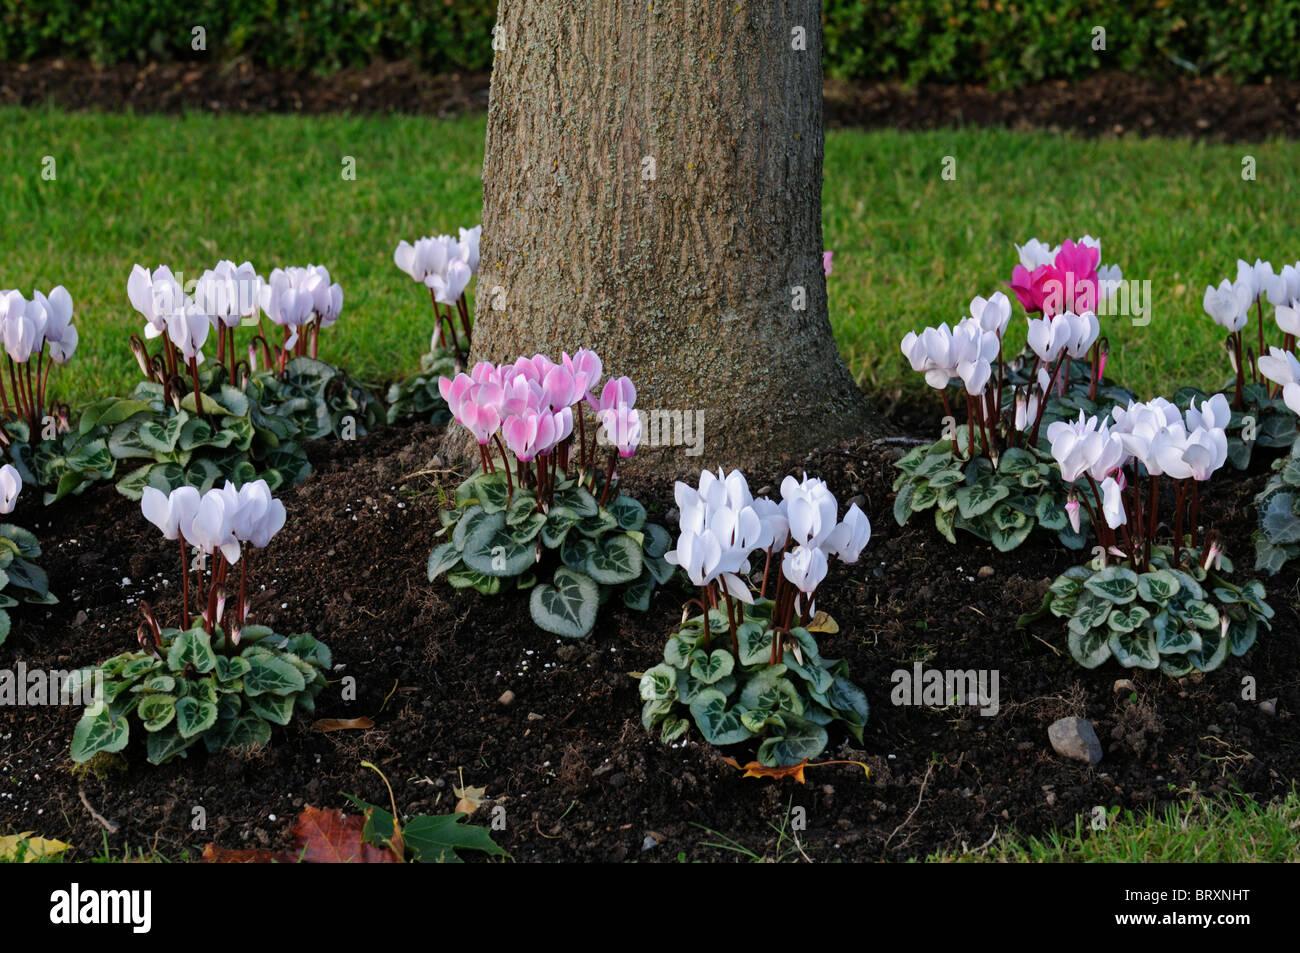 cyclamen hederifolium rosa wei e blumen unter unter einem baum voranbau garten gartenarbeit. Black Bedroom Furniture Sets. Home Design Ideas